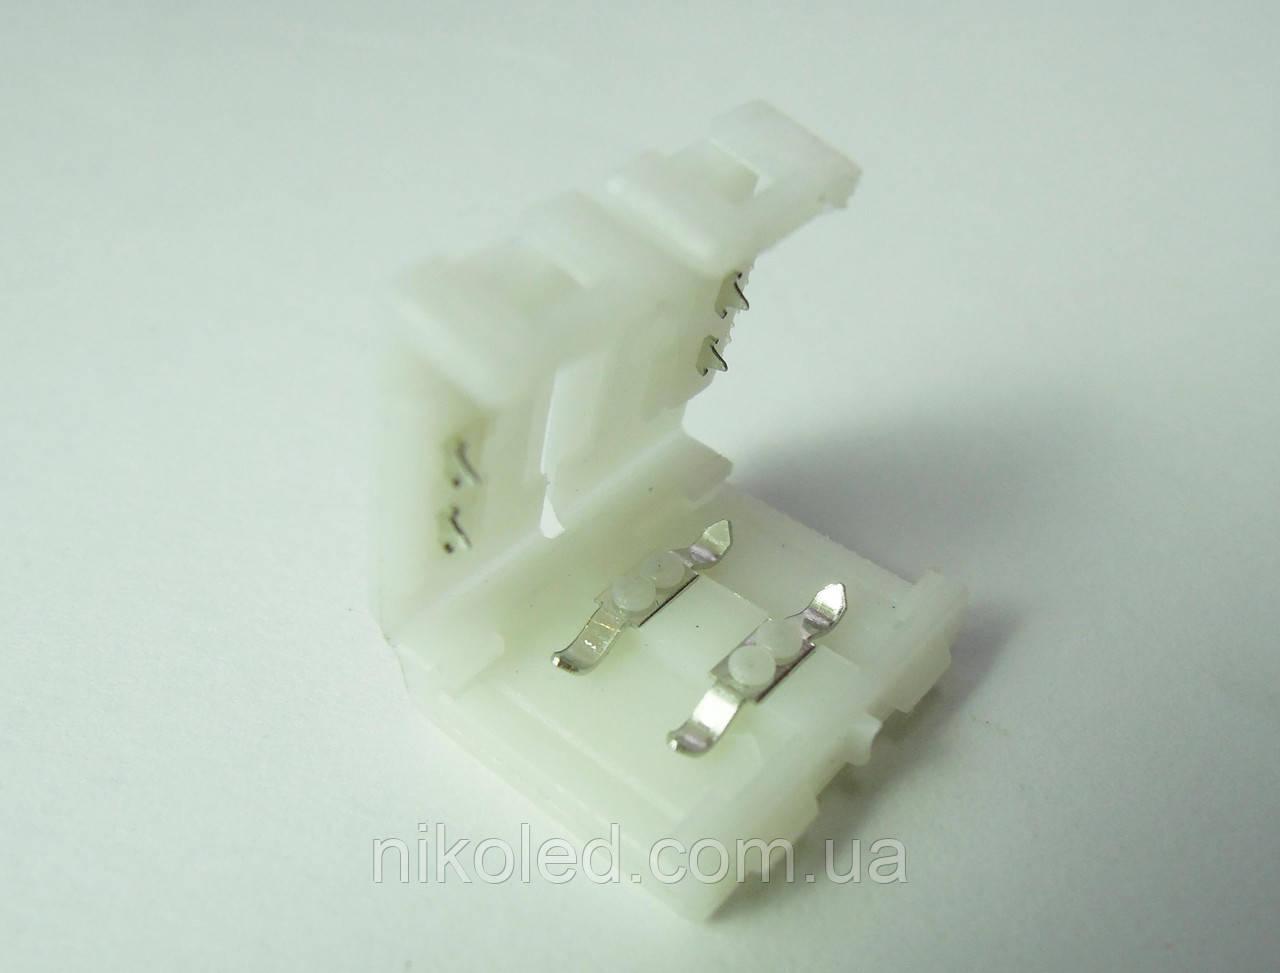 Штекер для ленты №2 10 мм разъем